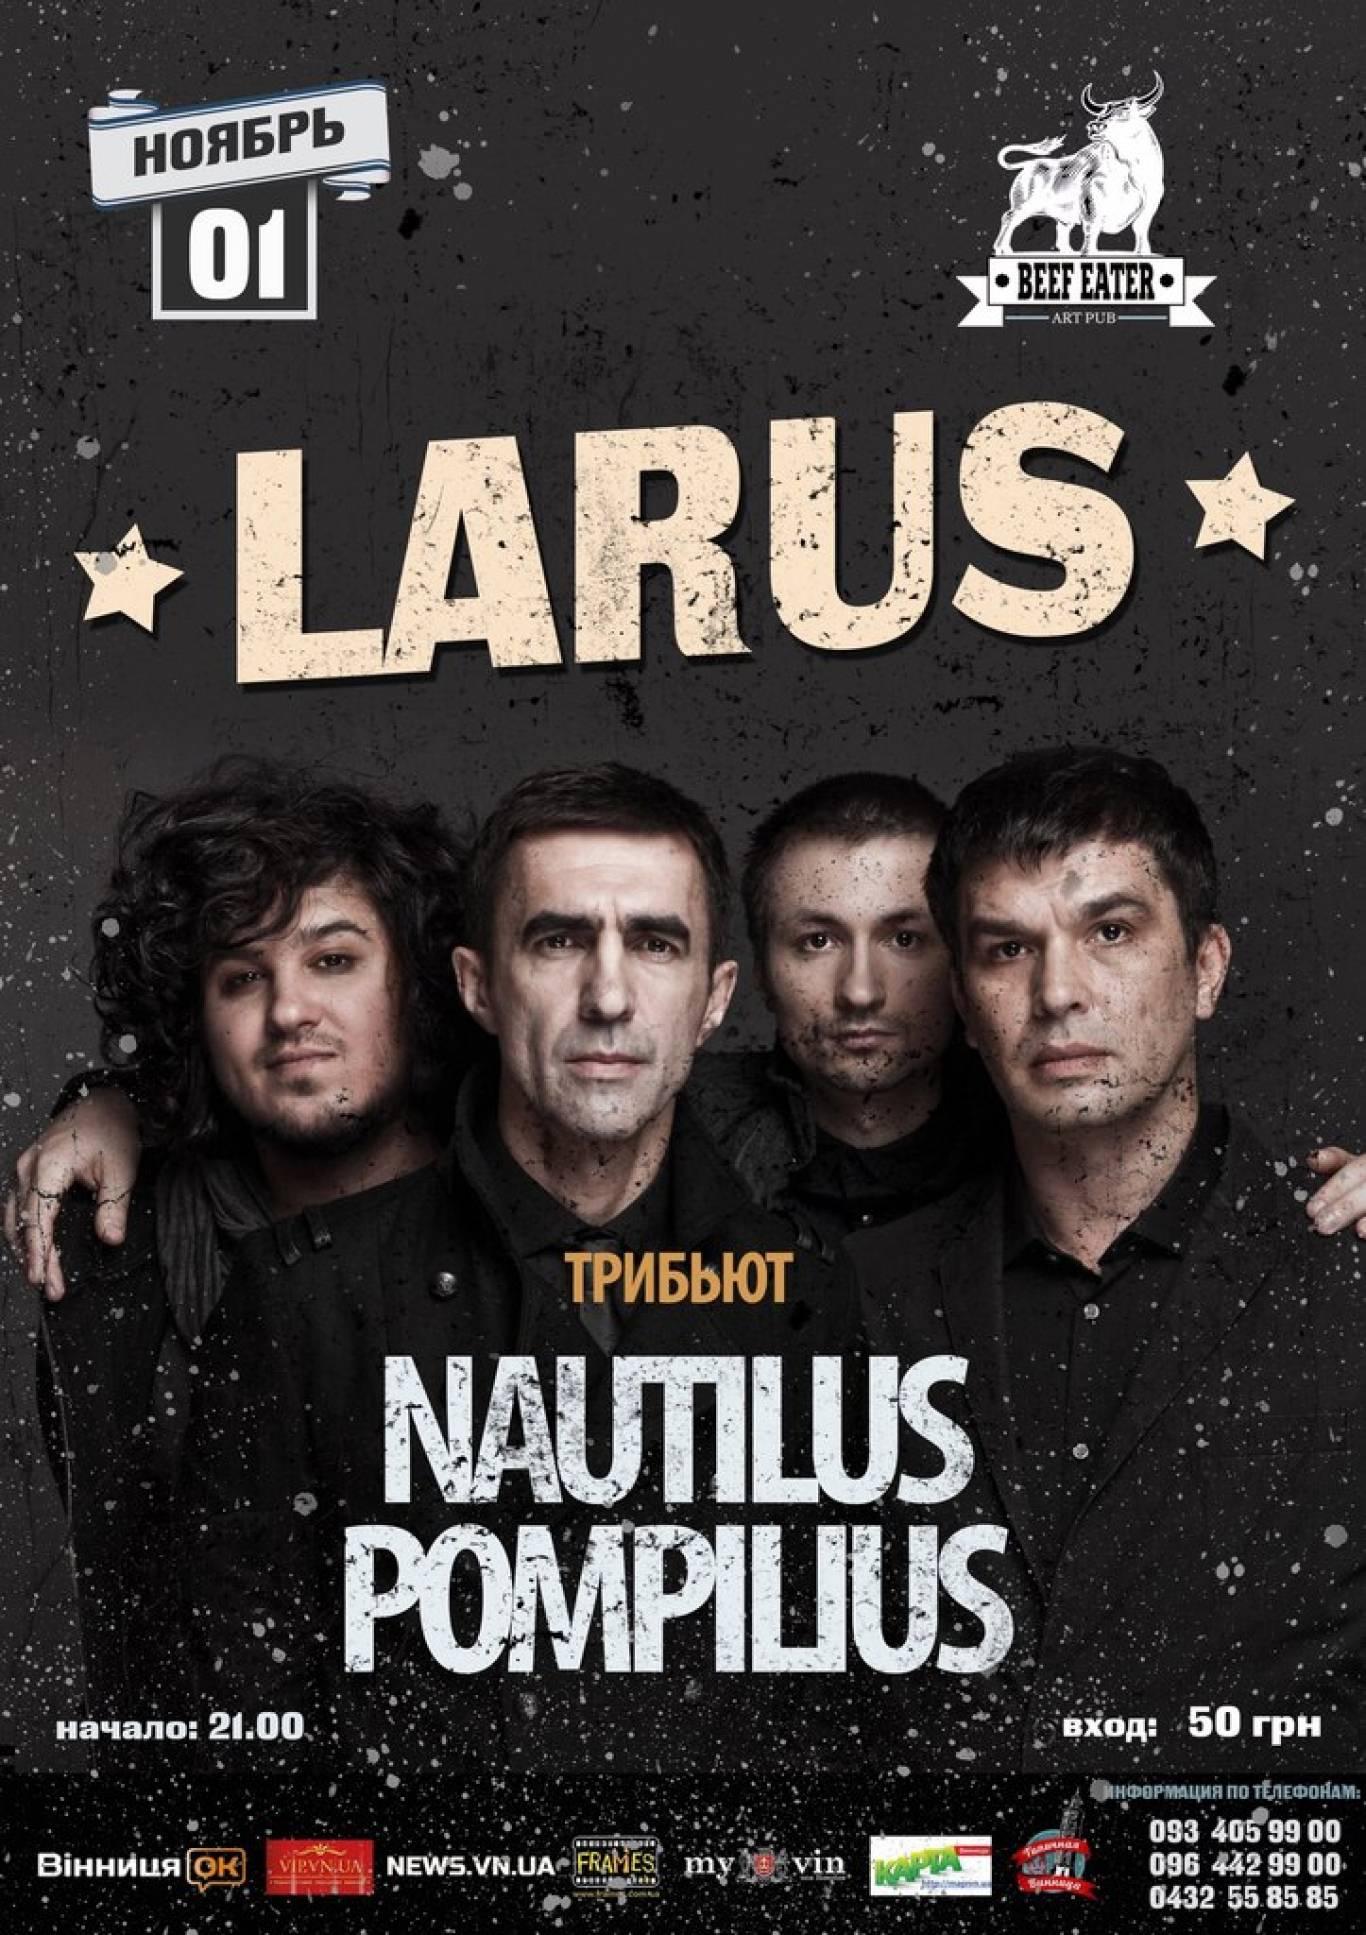 «Larus» з триб'ютом «Nautilus Pompilius»